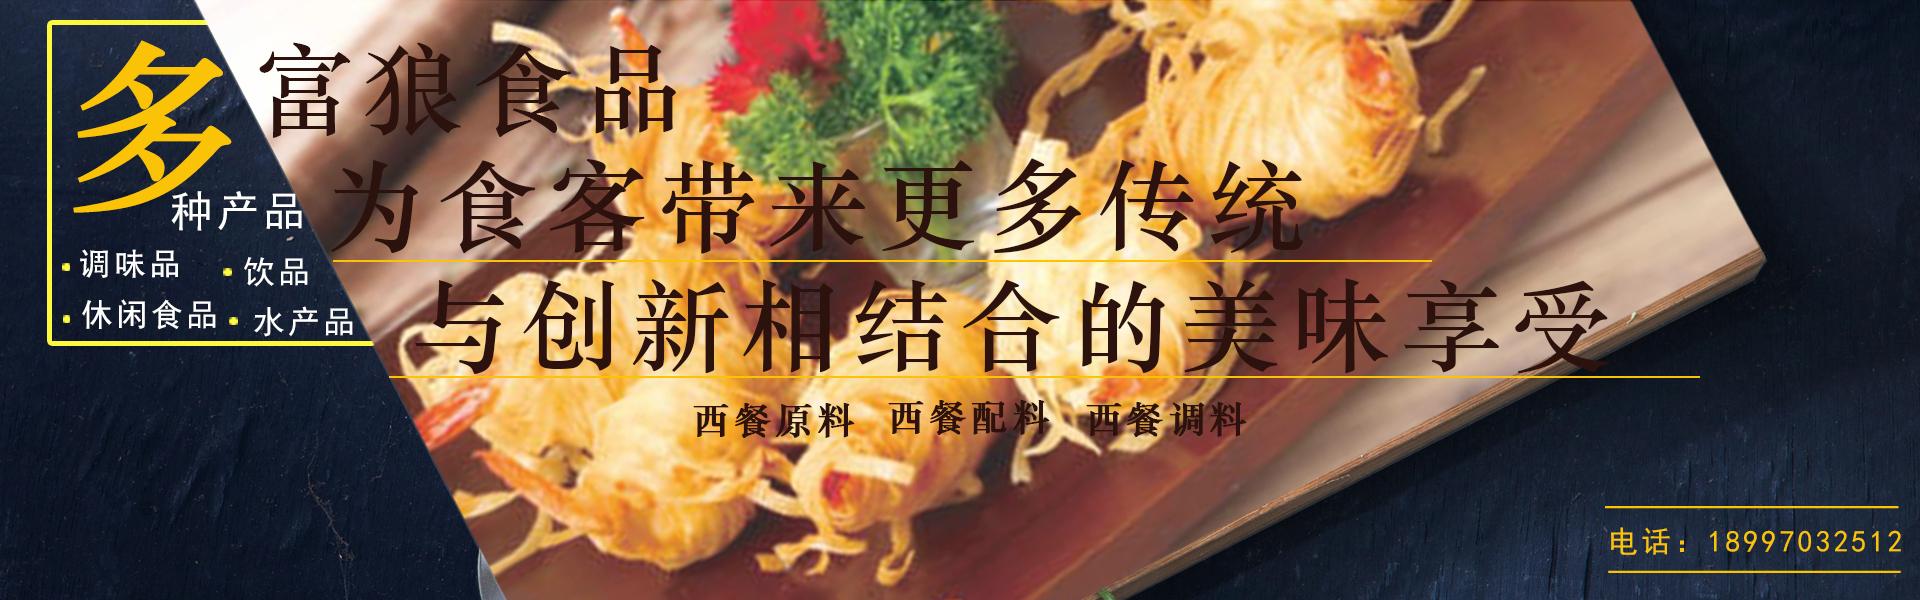 西宁西餐原料